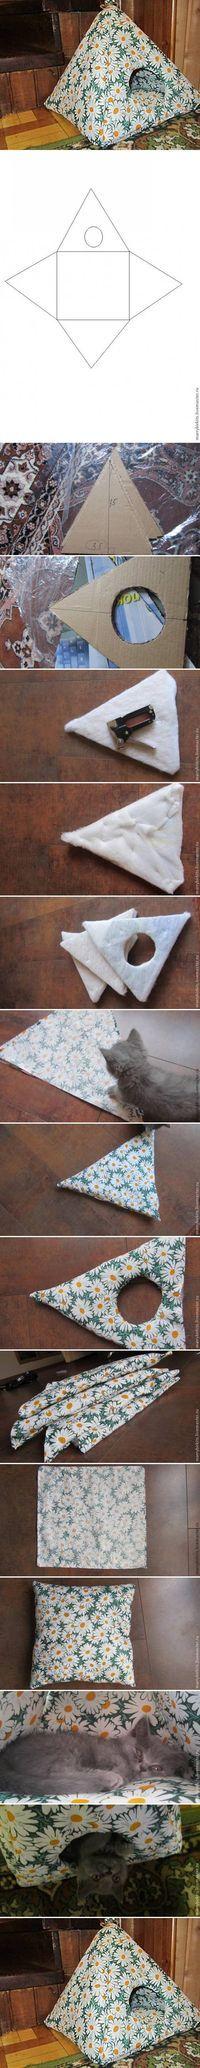 Cama para el gato  -  Bed for cat